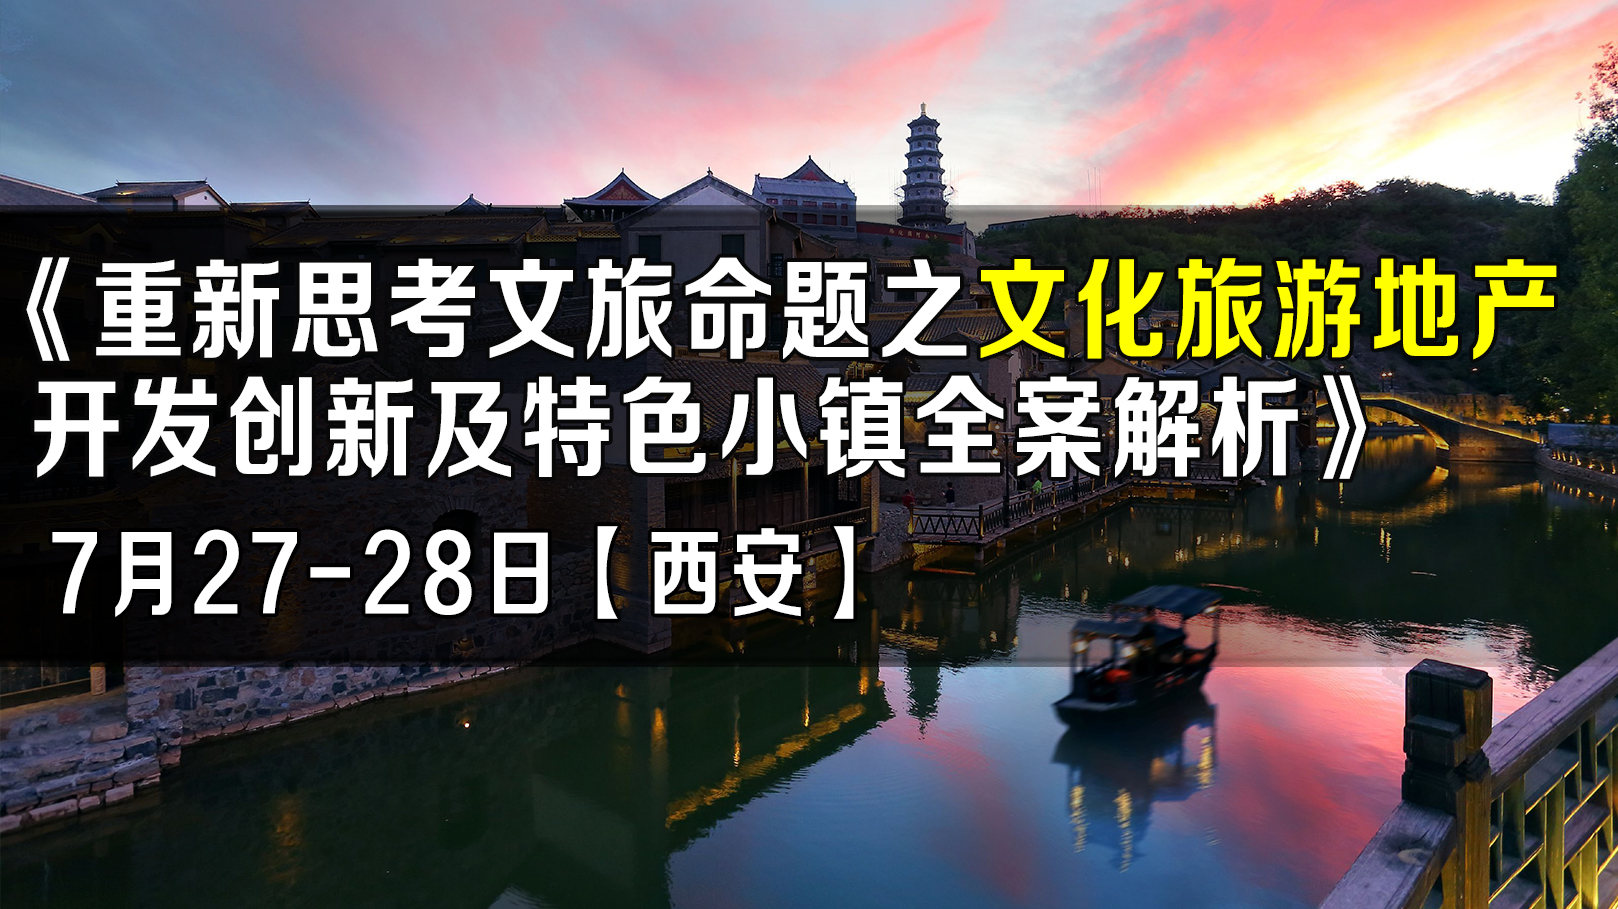 7月27-28日【西安】《重新思考文旅命题之文化旅游地产开发创新及特色小镇全案解析》